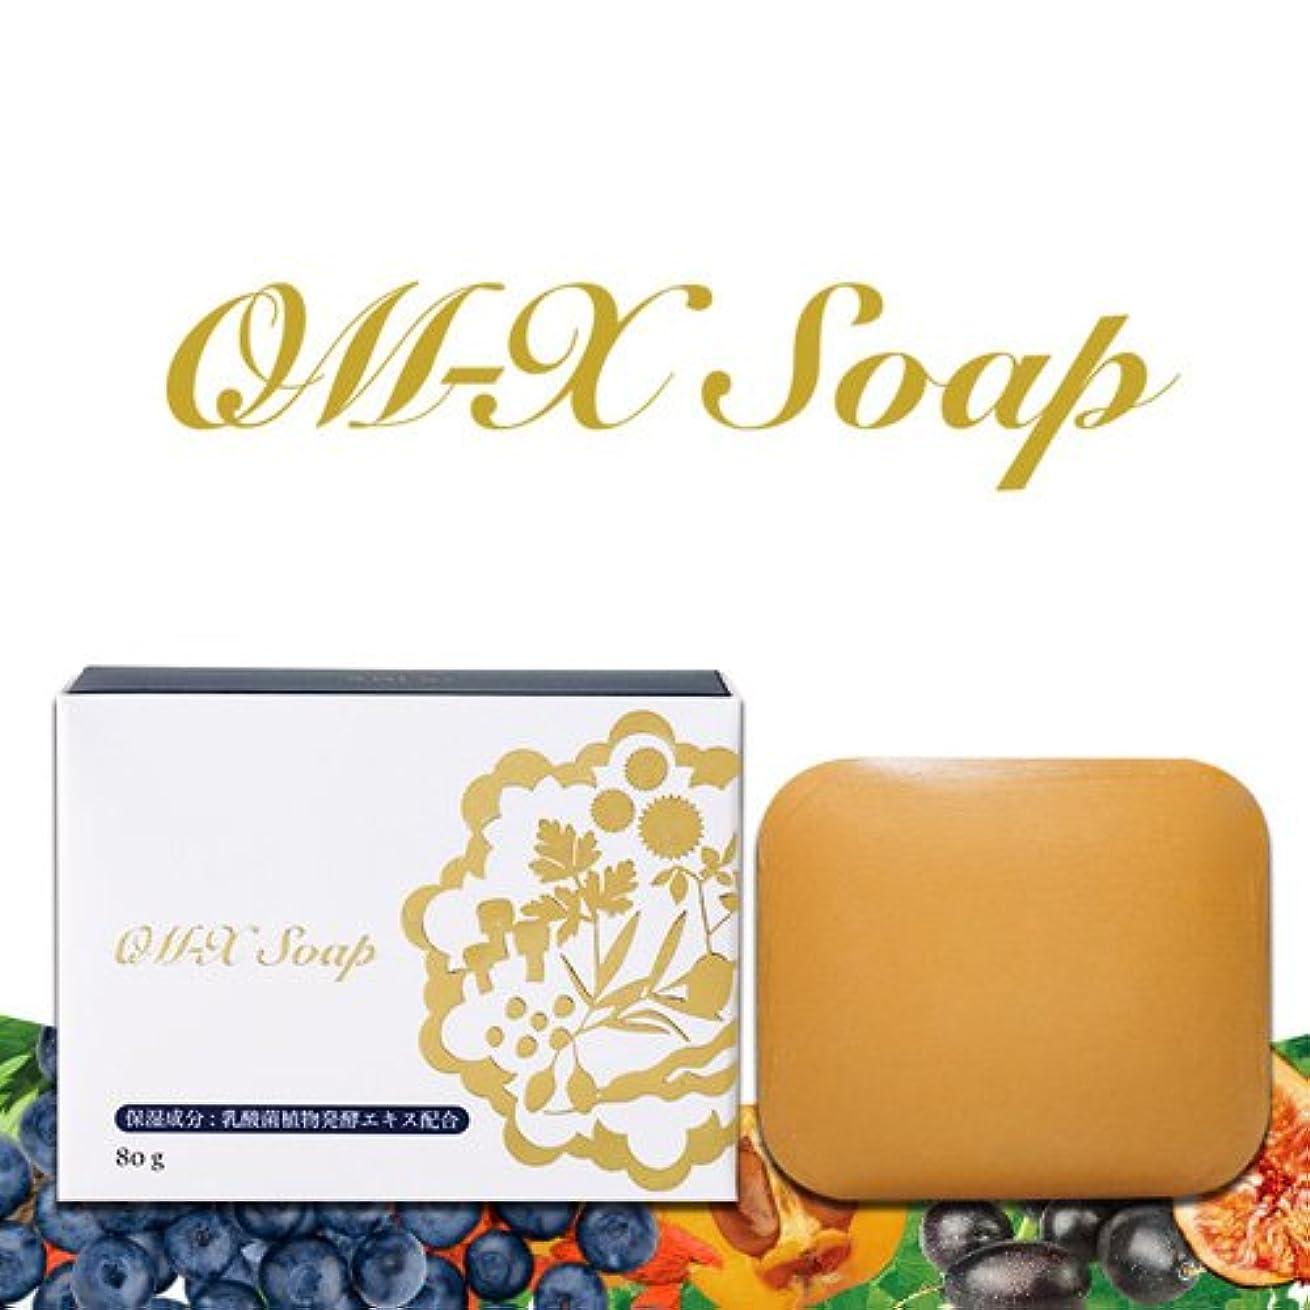 戸惑う拘束汚れたOM-X Soap